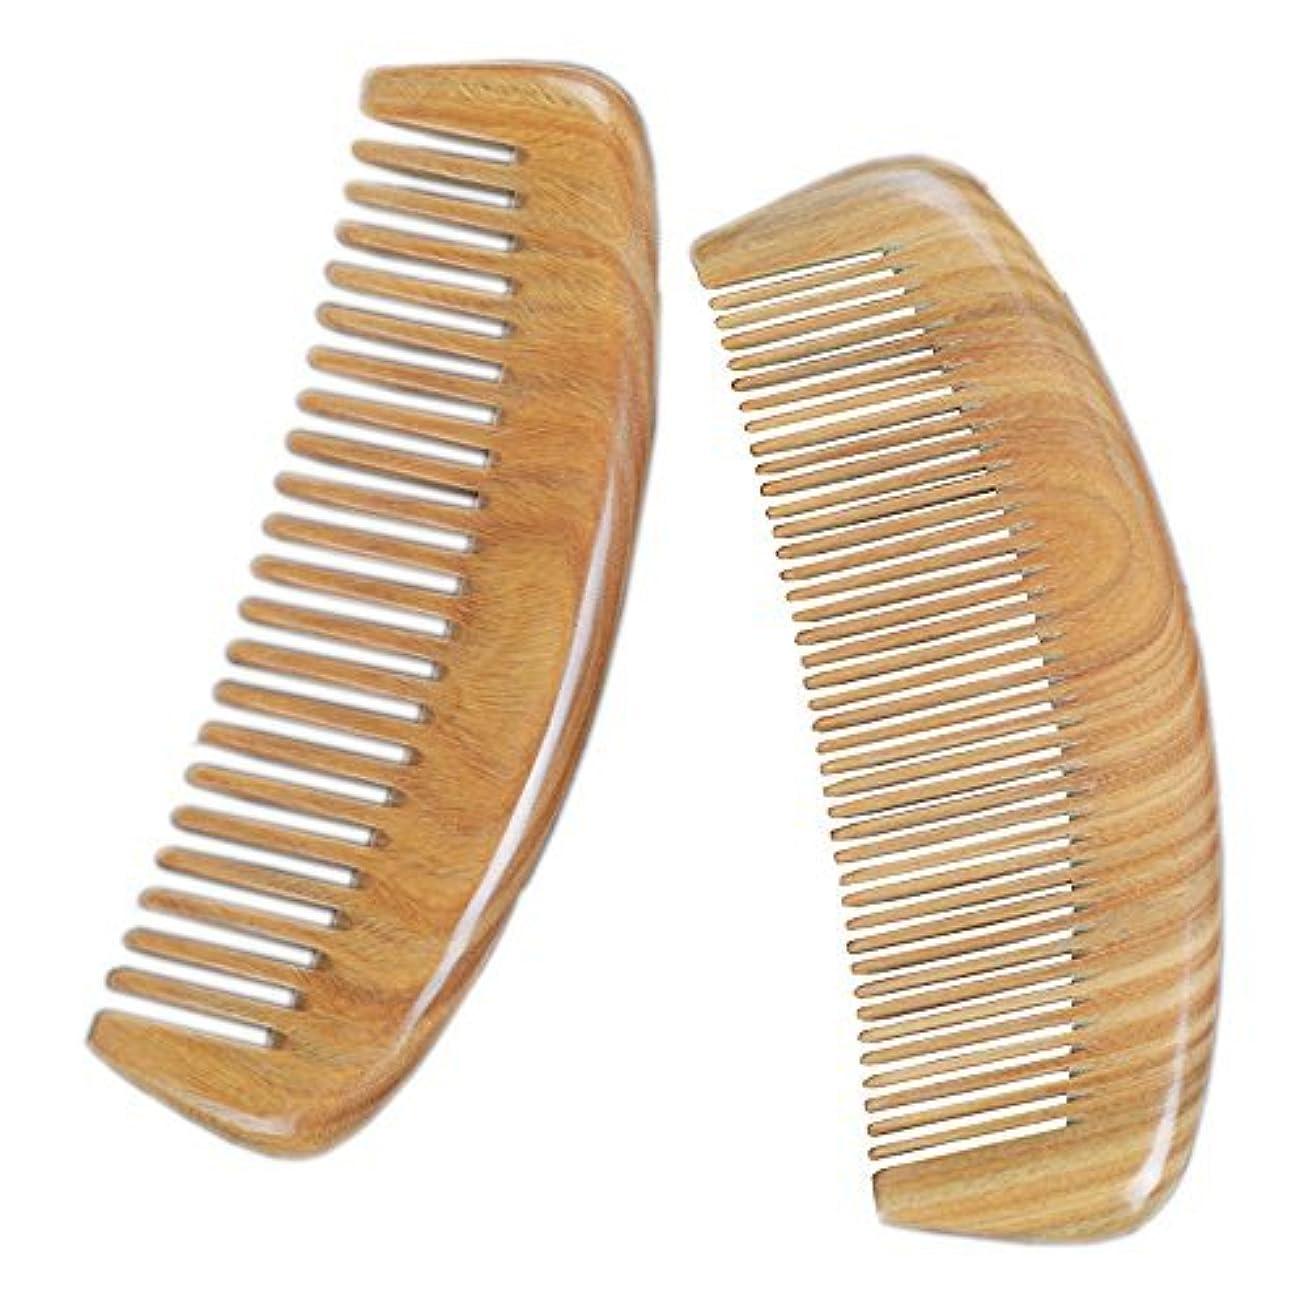 移住する困惑する研磨LiveZone Handmade Natural Green Sandalwood 2-Count(Minute Tooth and Wide Tooth Wood Comb) Hair Comb with Natural...